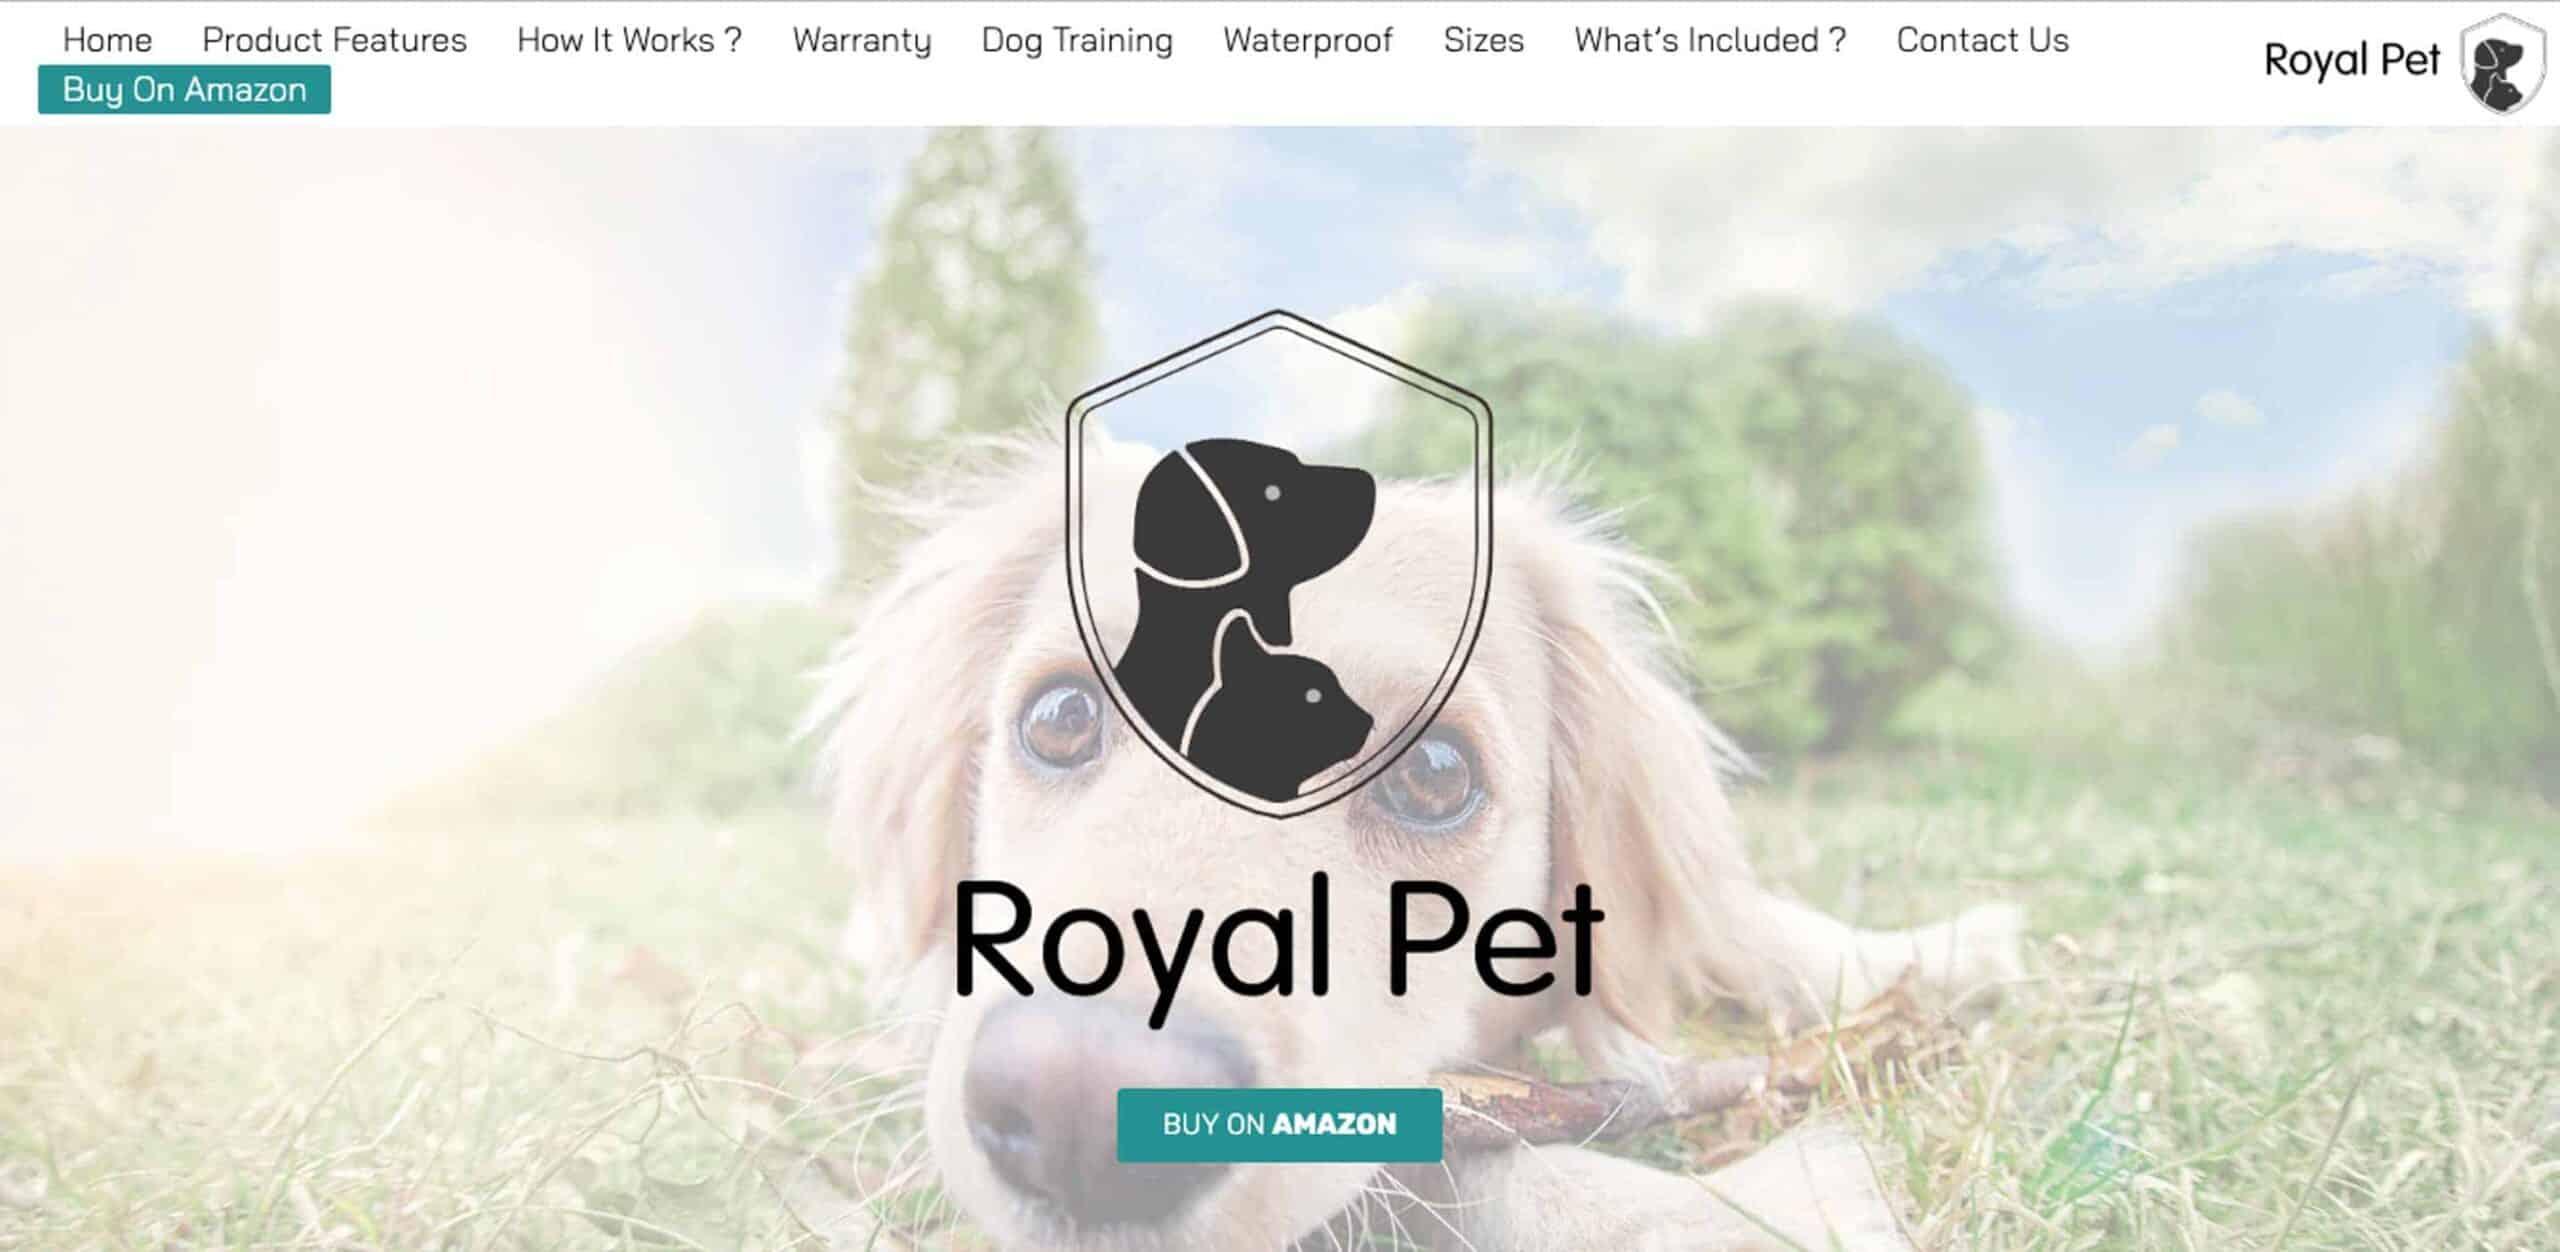 Royal_Pet_Web